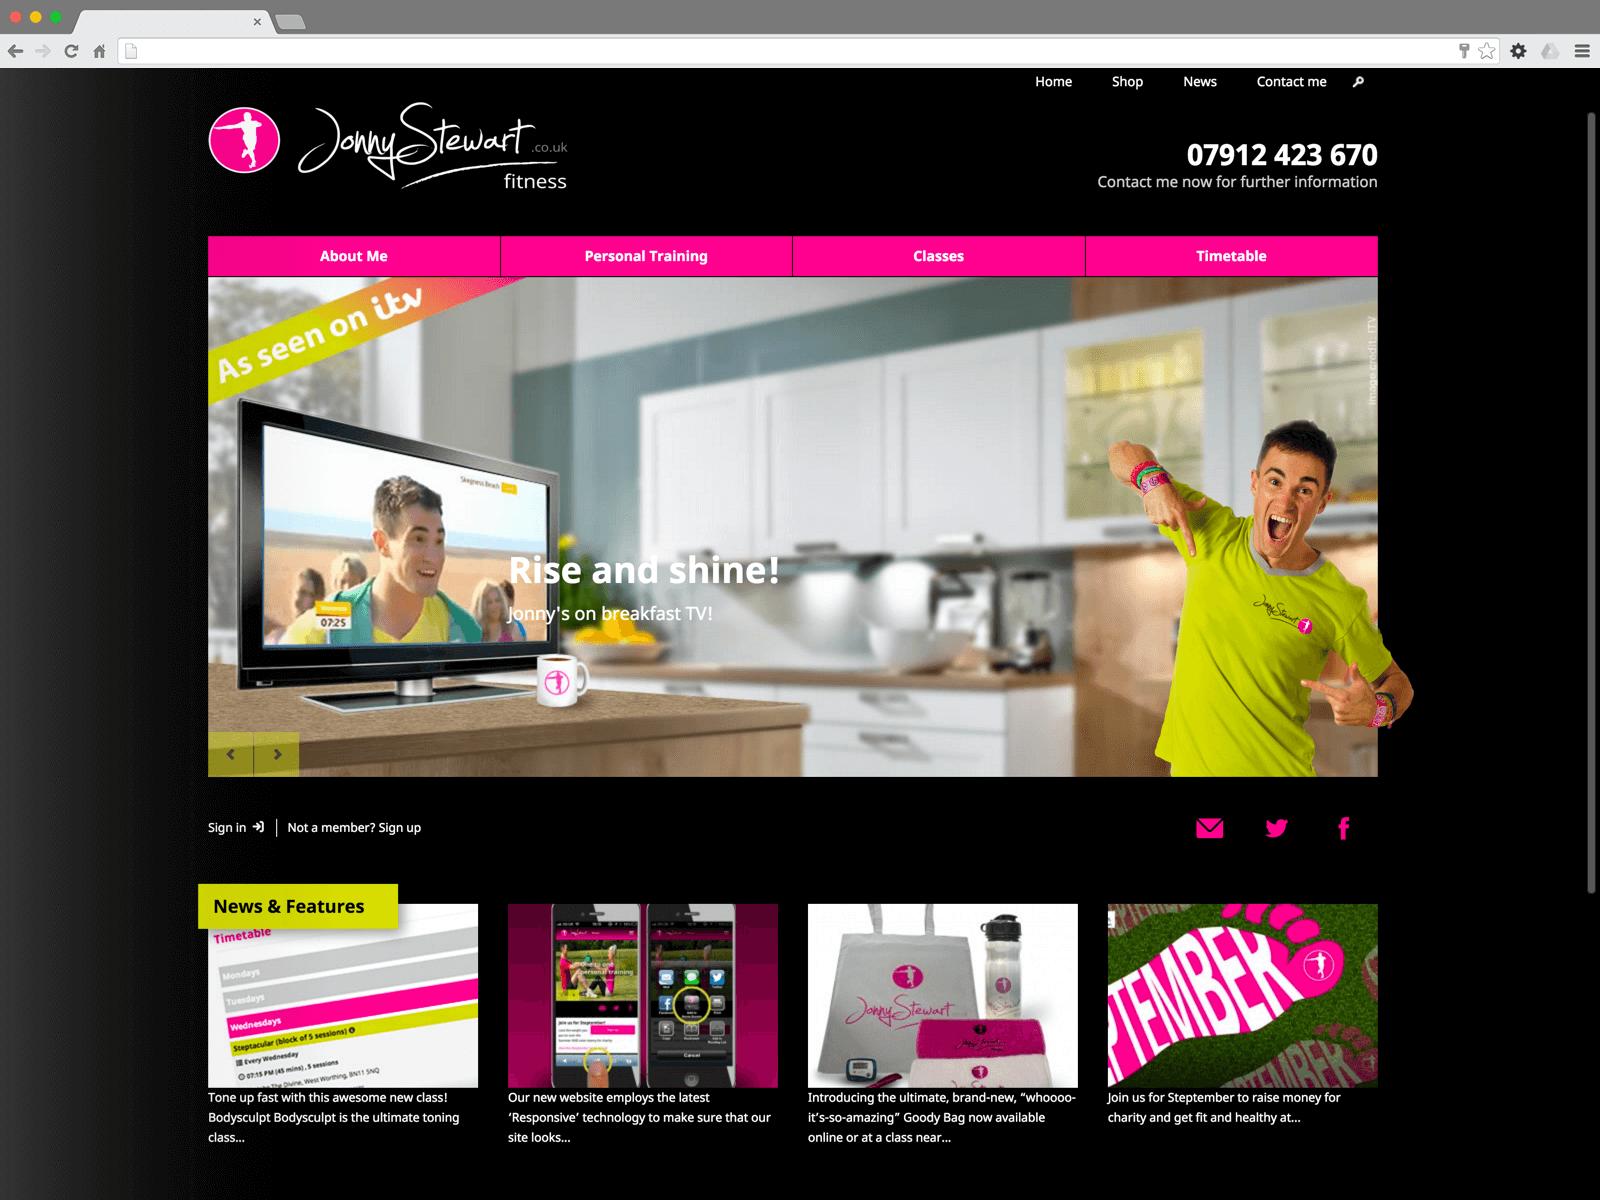 Jonny Stewart Fitness website (Website on desktop)